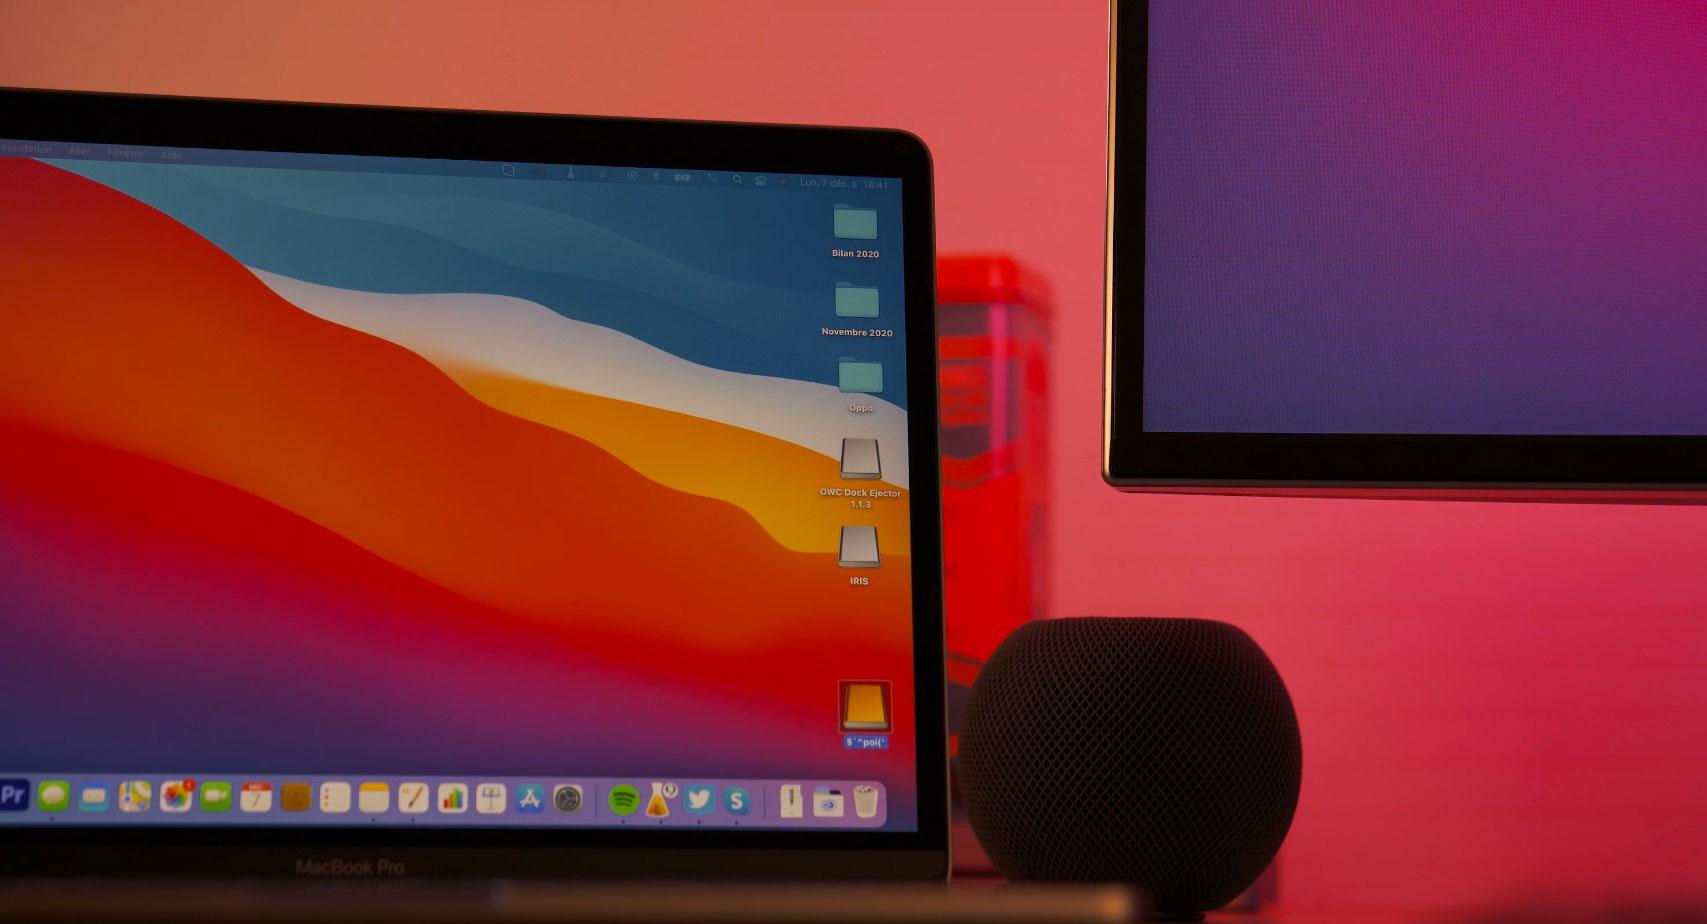 Le MacBook Pro M1 a su s'imposer comme ma machine principale